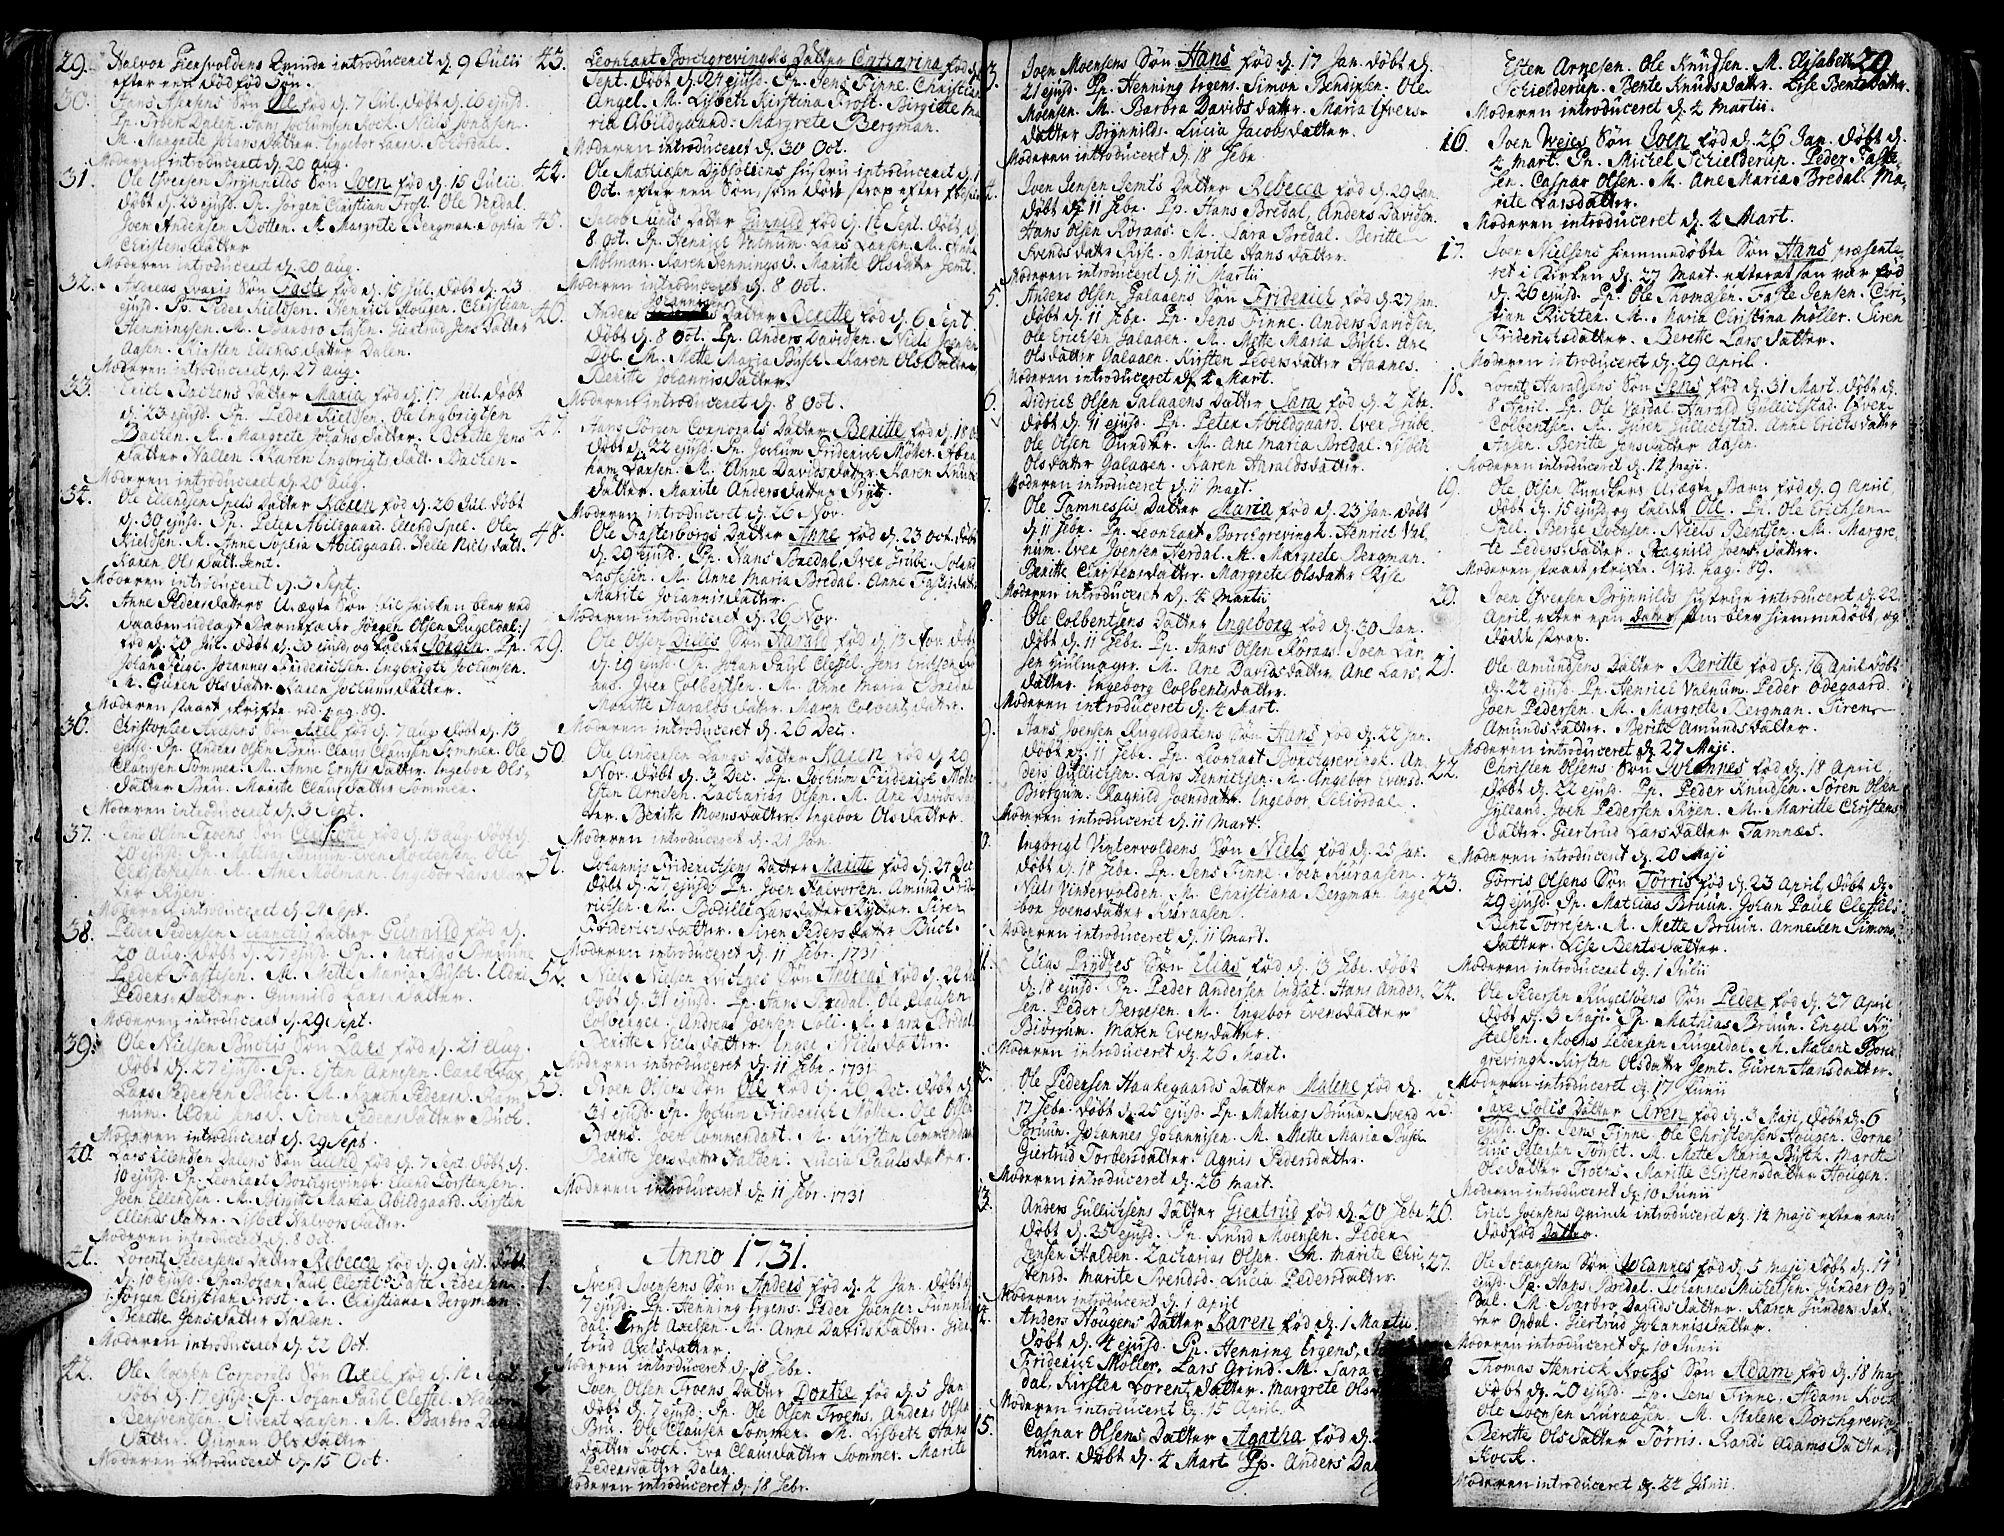 SAT, Ministerialprotokoller, klokkerbøker og fødselsregistre - Sør-Trøndelag, 681/L0925: Ministerialbok nr. 681A03, 1727-1766, s. 29